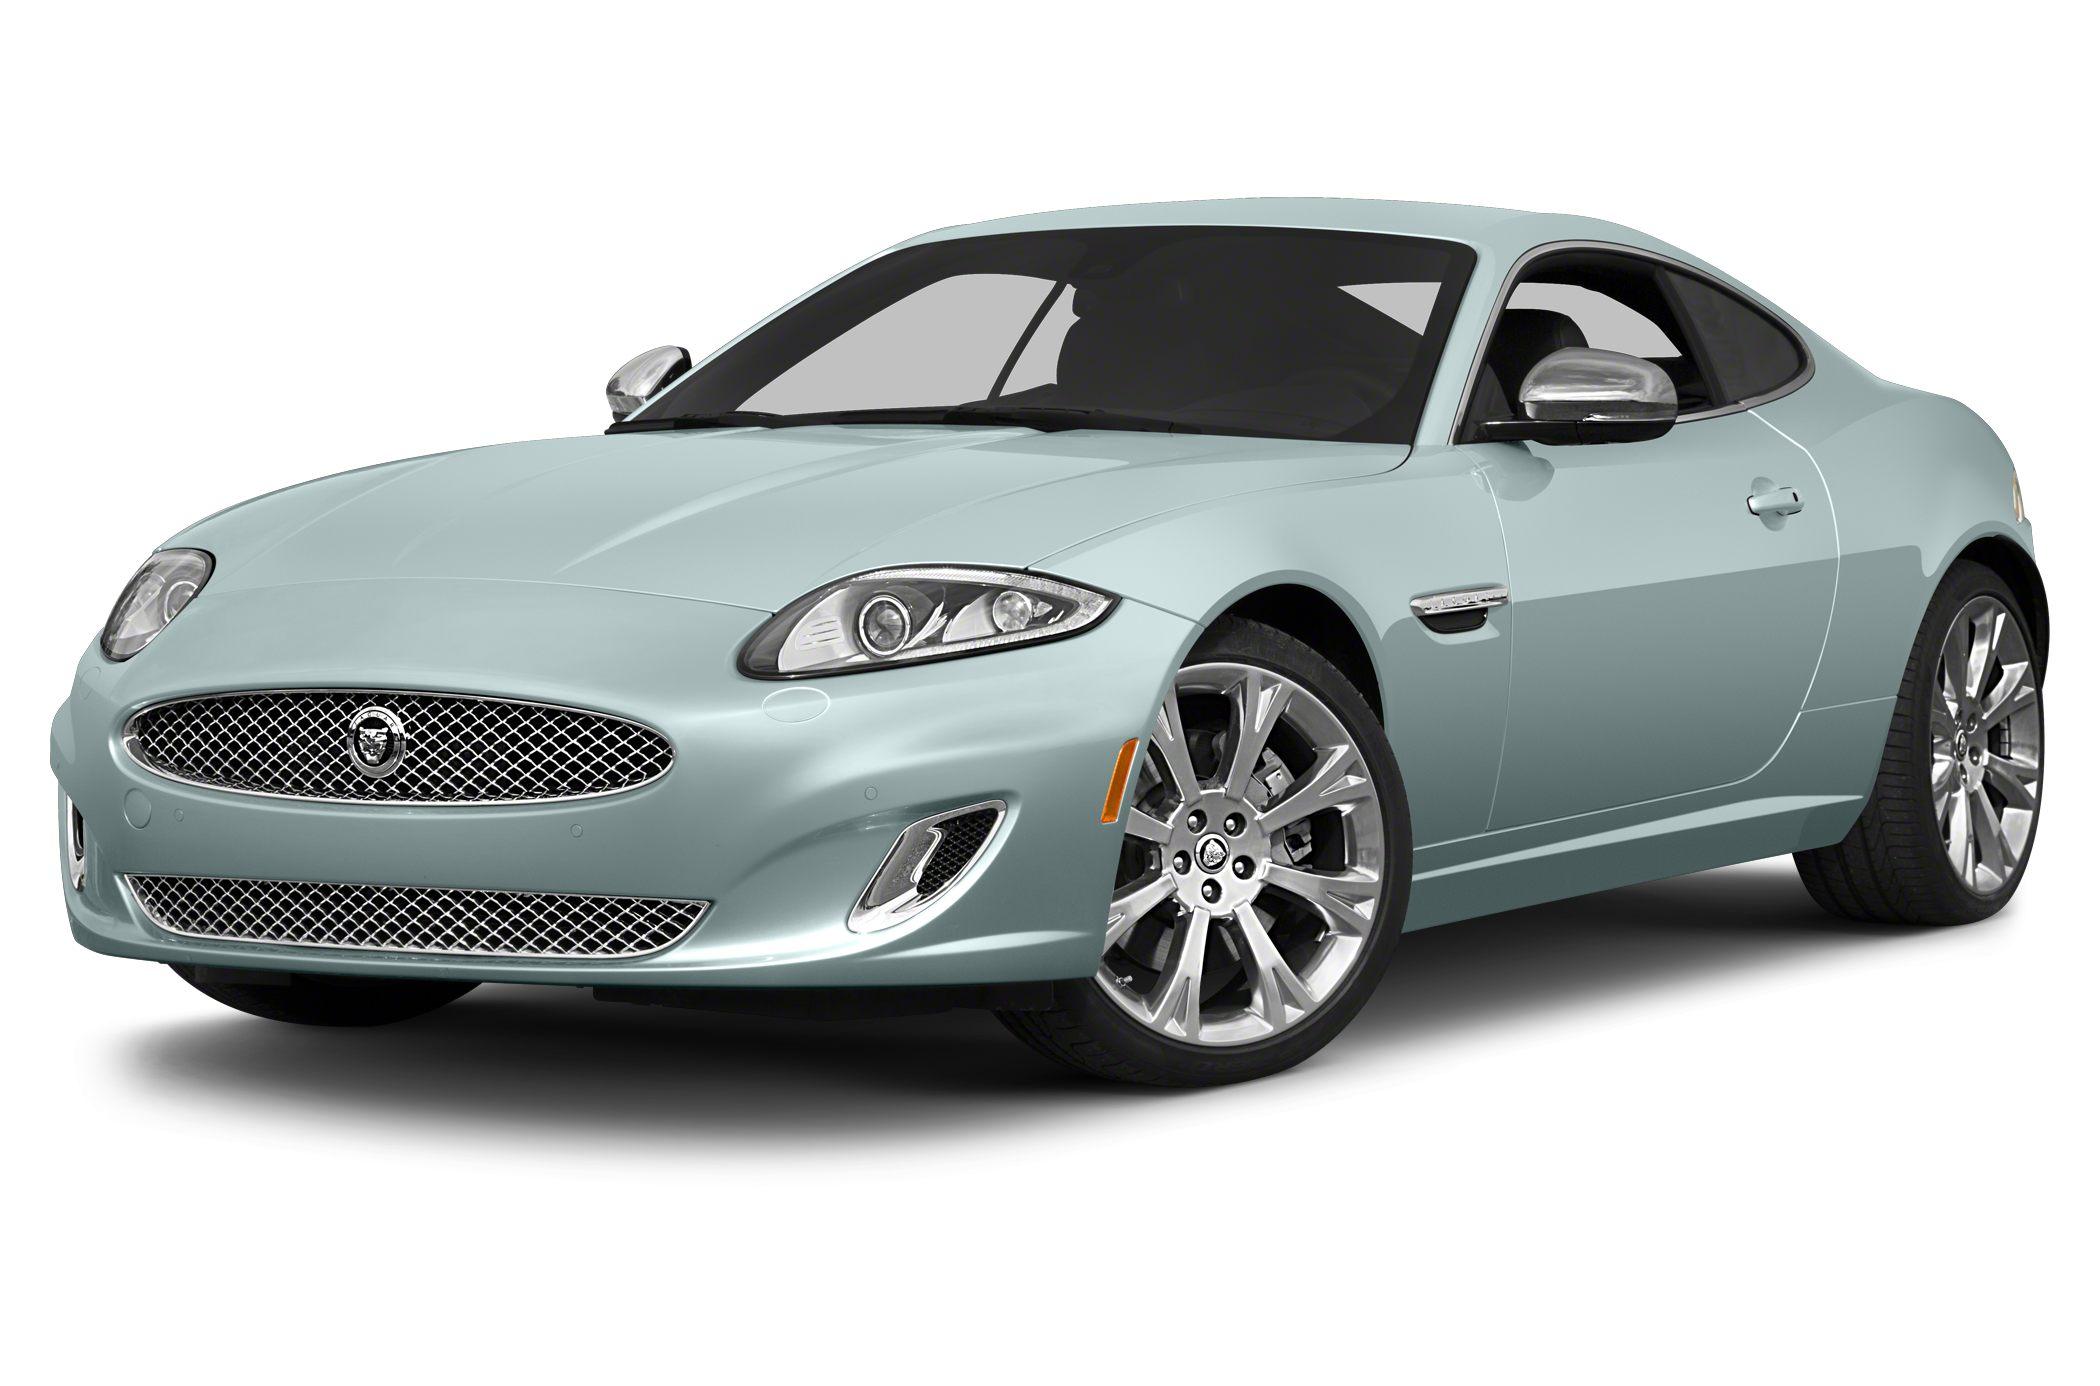 2012 Jaguar XK Information